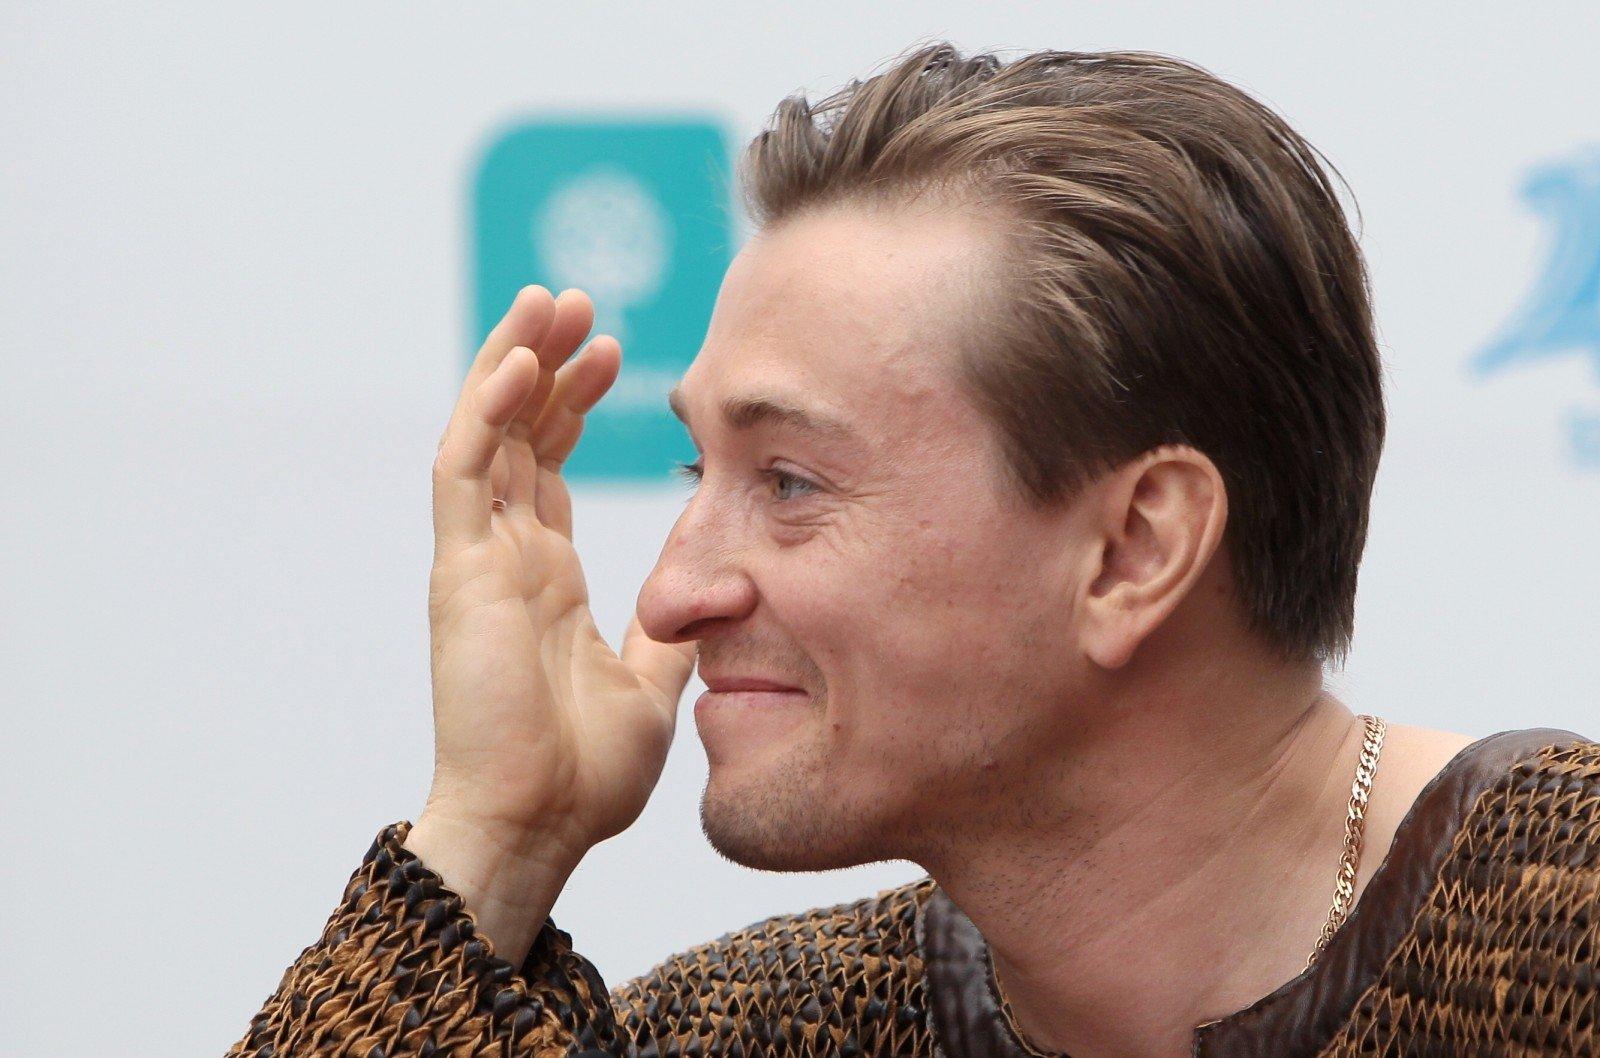 Безруков стал лауреатом премии Станиславского